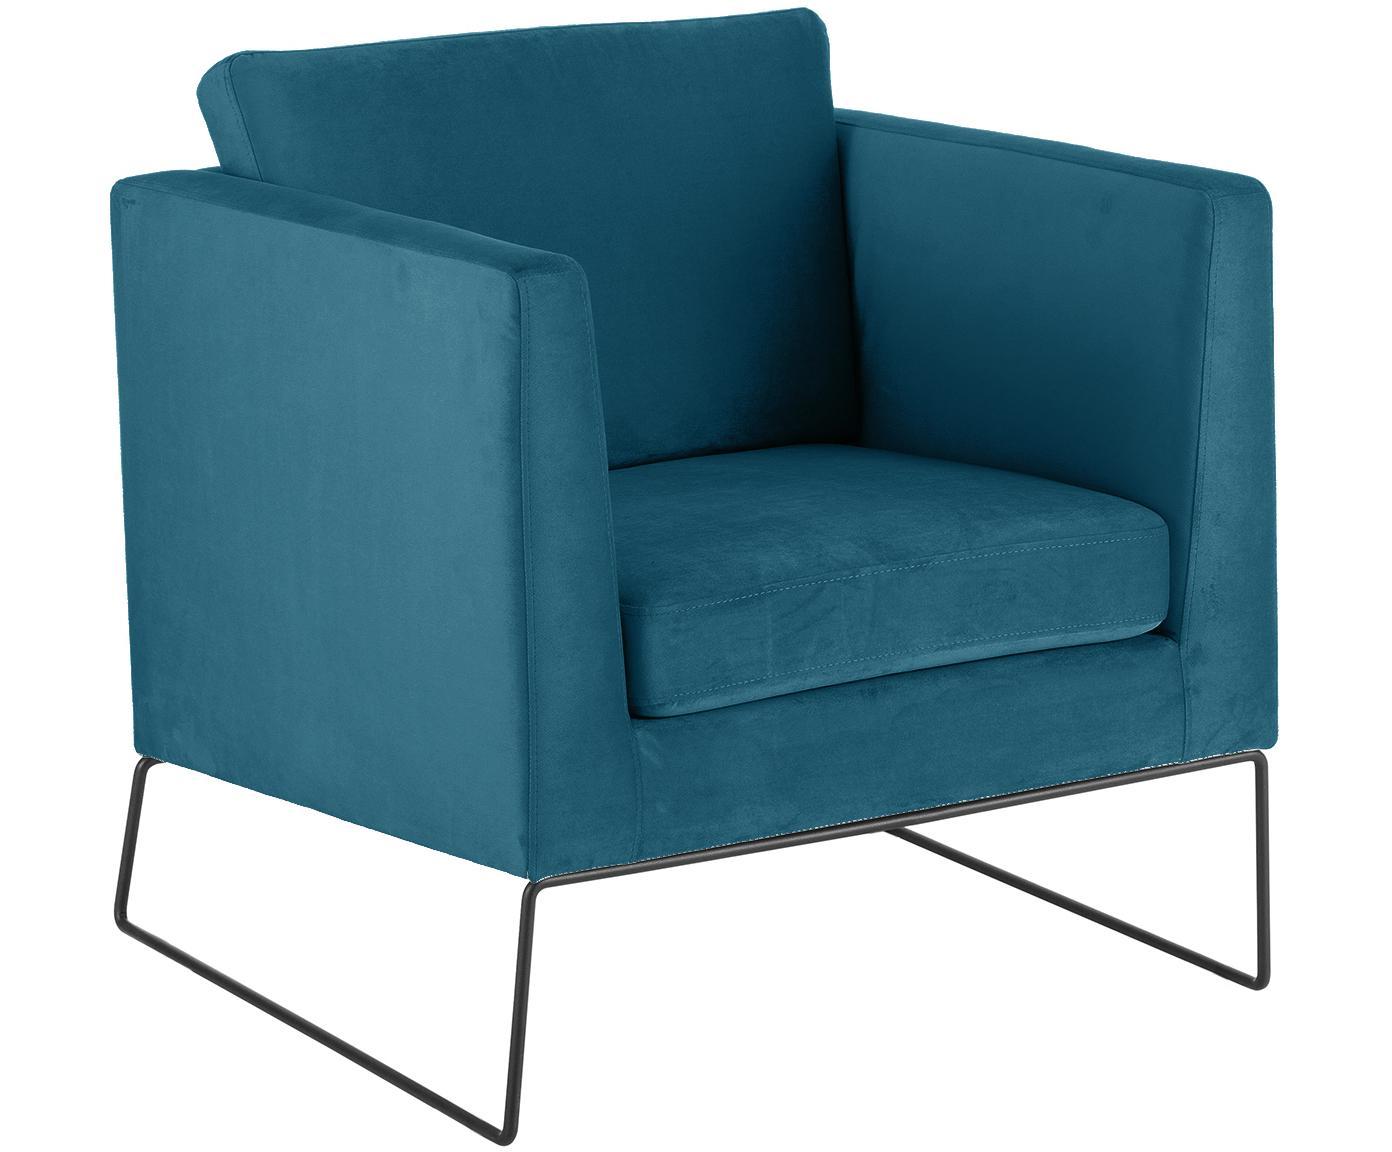 Klassischer Samt-Sessel Milo in Blau, Bezug: Samt (hochwertiger Polyes, Gestell: Kiefernholz, Beine: Metall, lackiert Das FSC , Bezug: Petrolblau  Beine: Schwarz, 77 x 75 cm